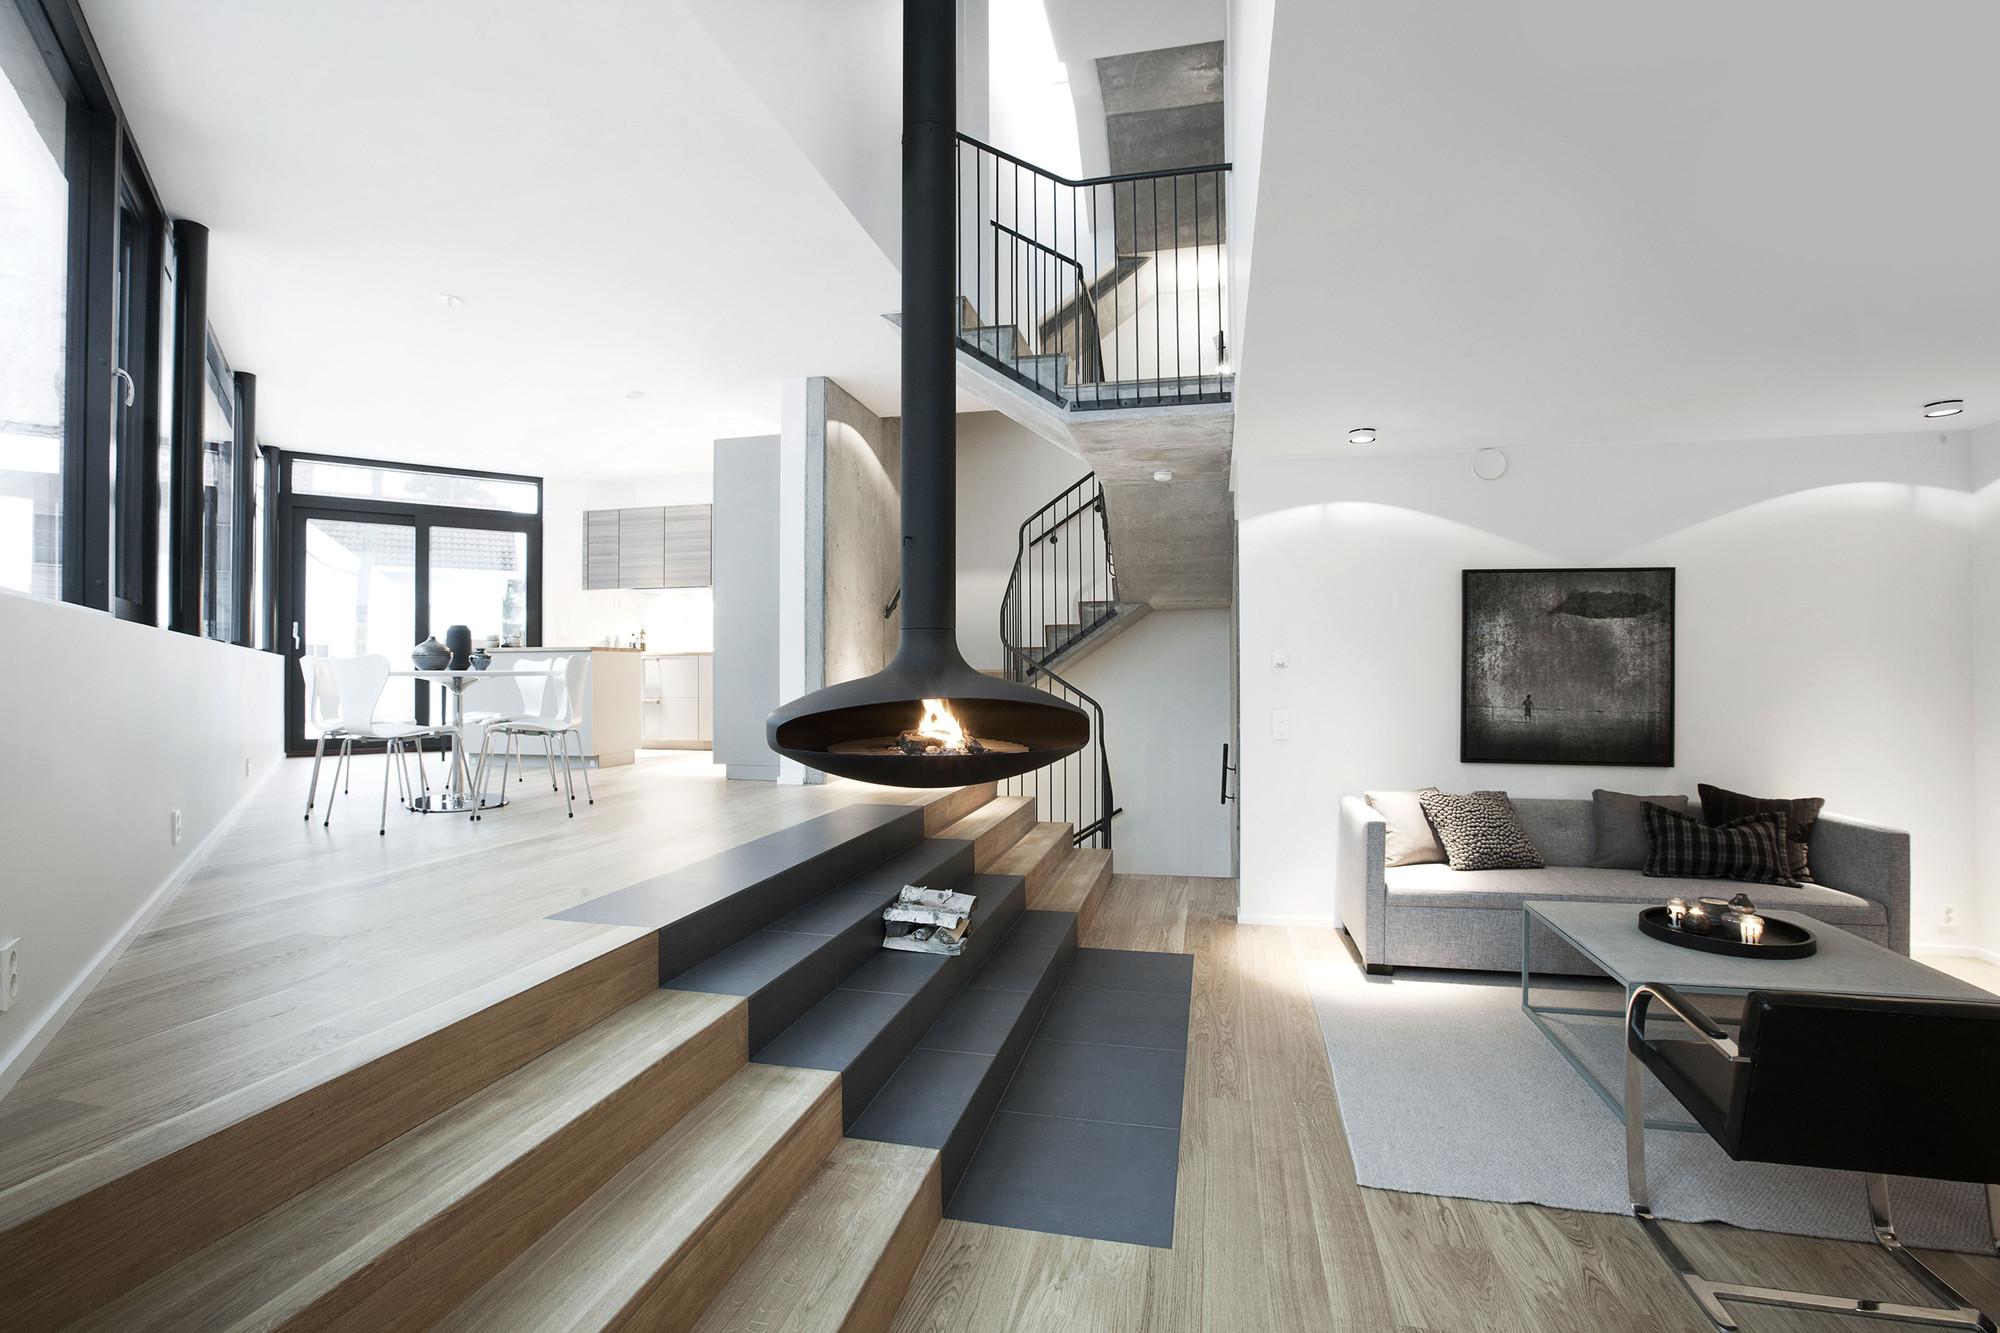 Casas Gregers Grams / R21 Arkitekter, © Henrik Beck Kæmpe